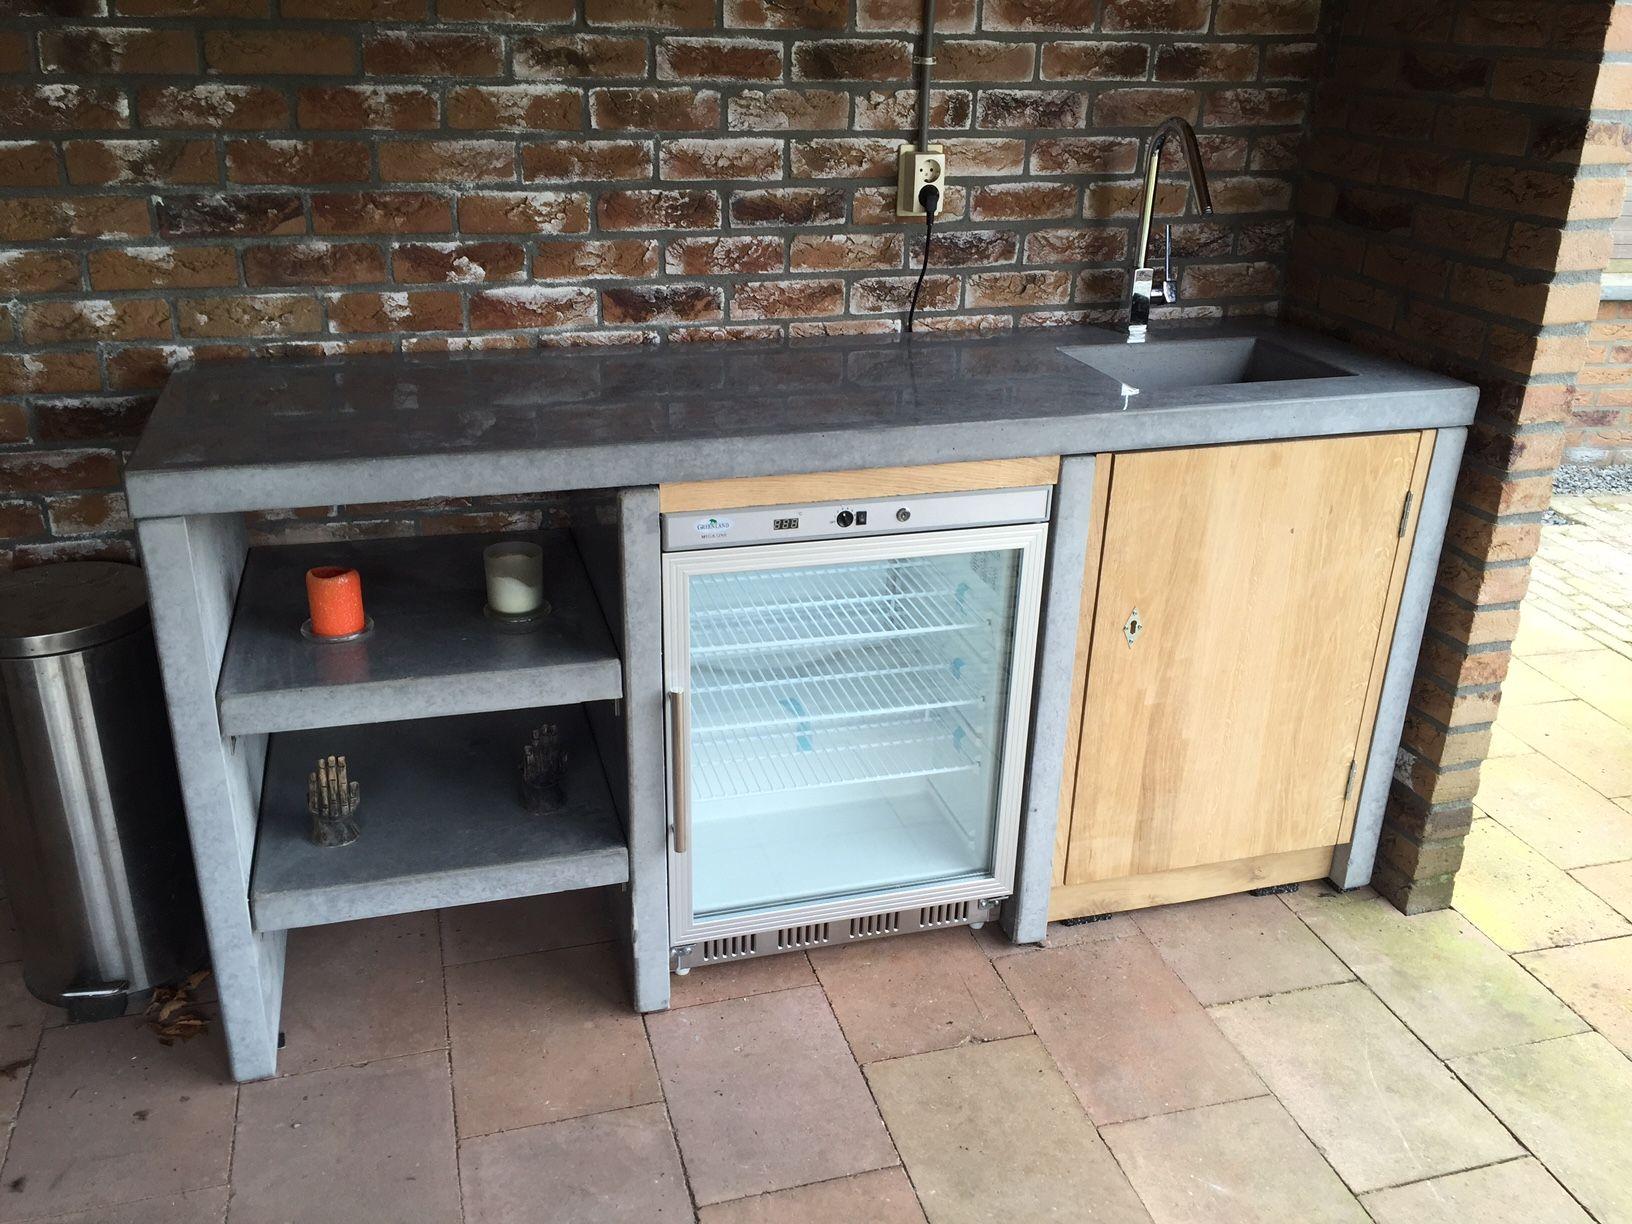 Kast Voor Buiten : Buitenkeuken koelkast spoelbak beton eiken kast keuken voor